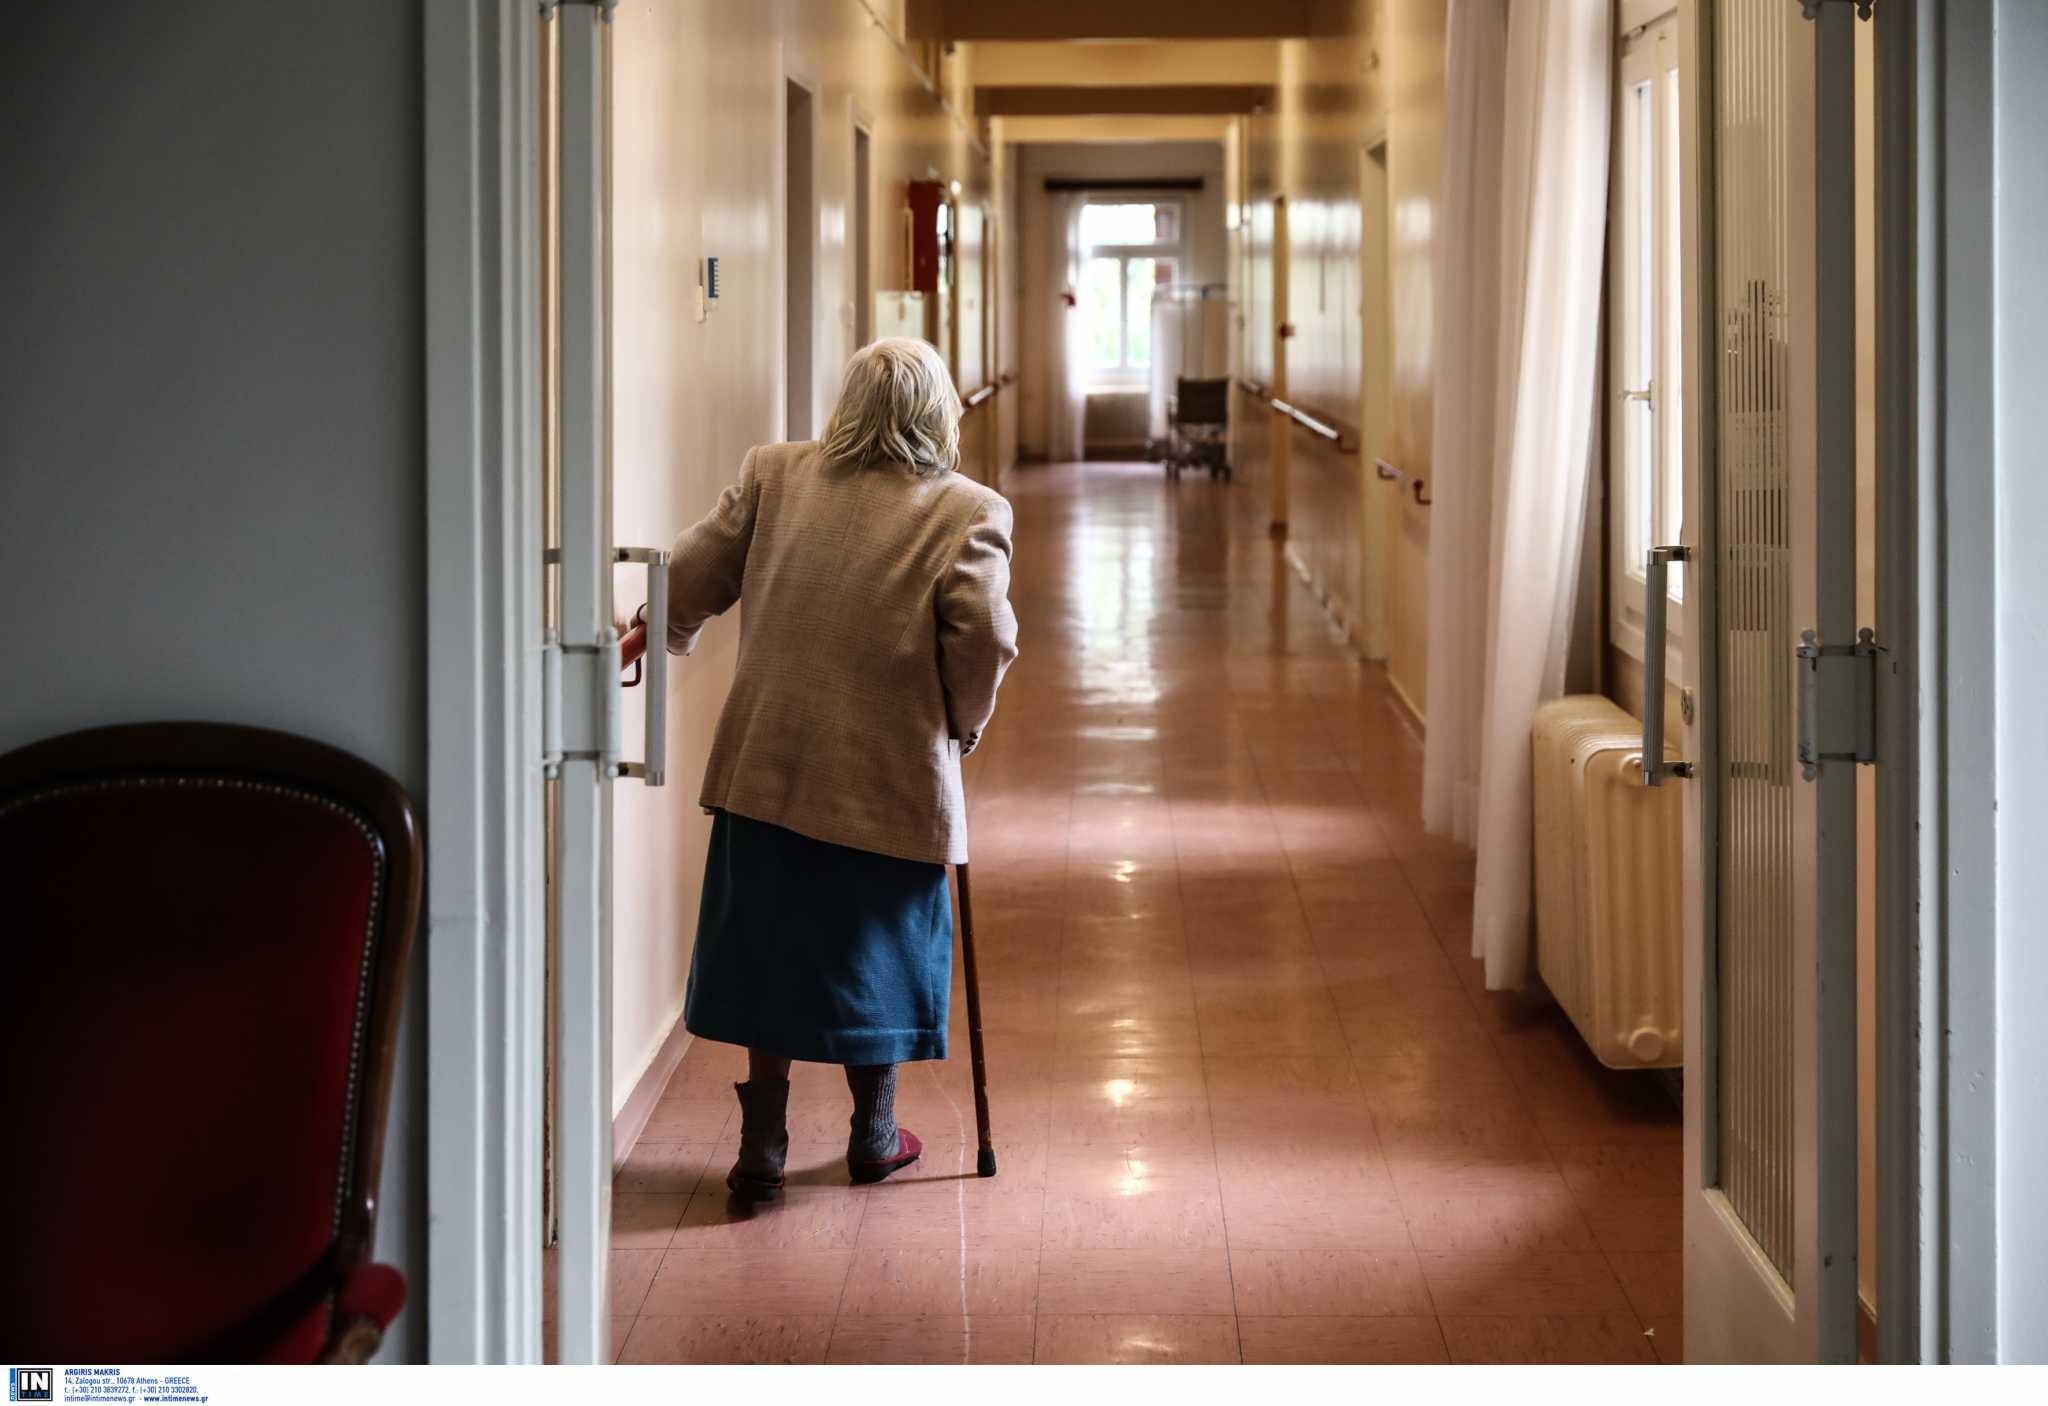 Χανιά: Νέες σοκαριστικές καταγγελίες για το «γηροκομείο του τρόμου» (video)